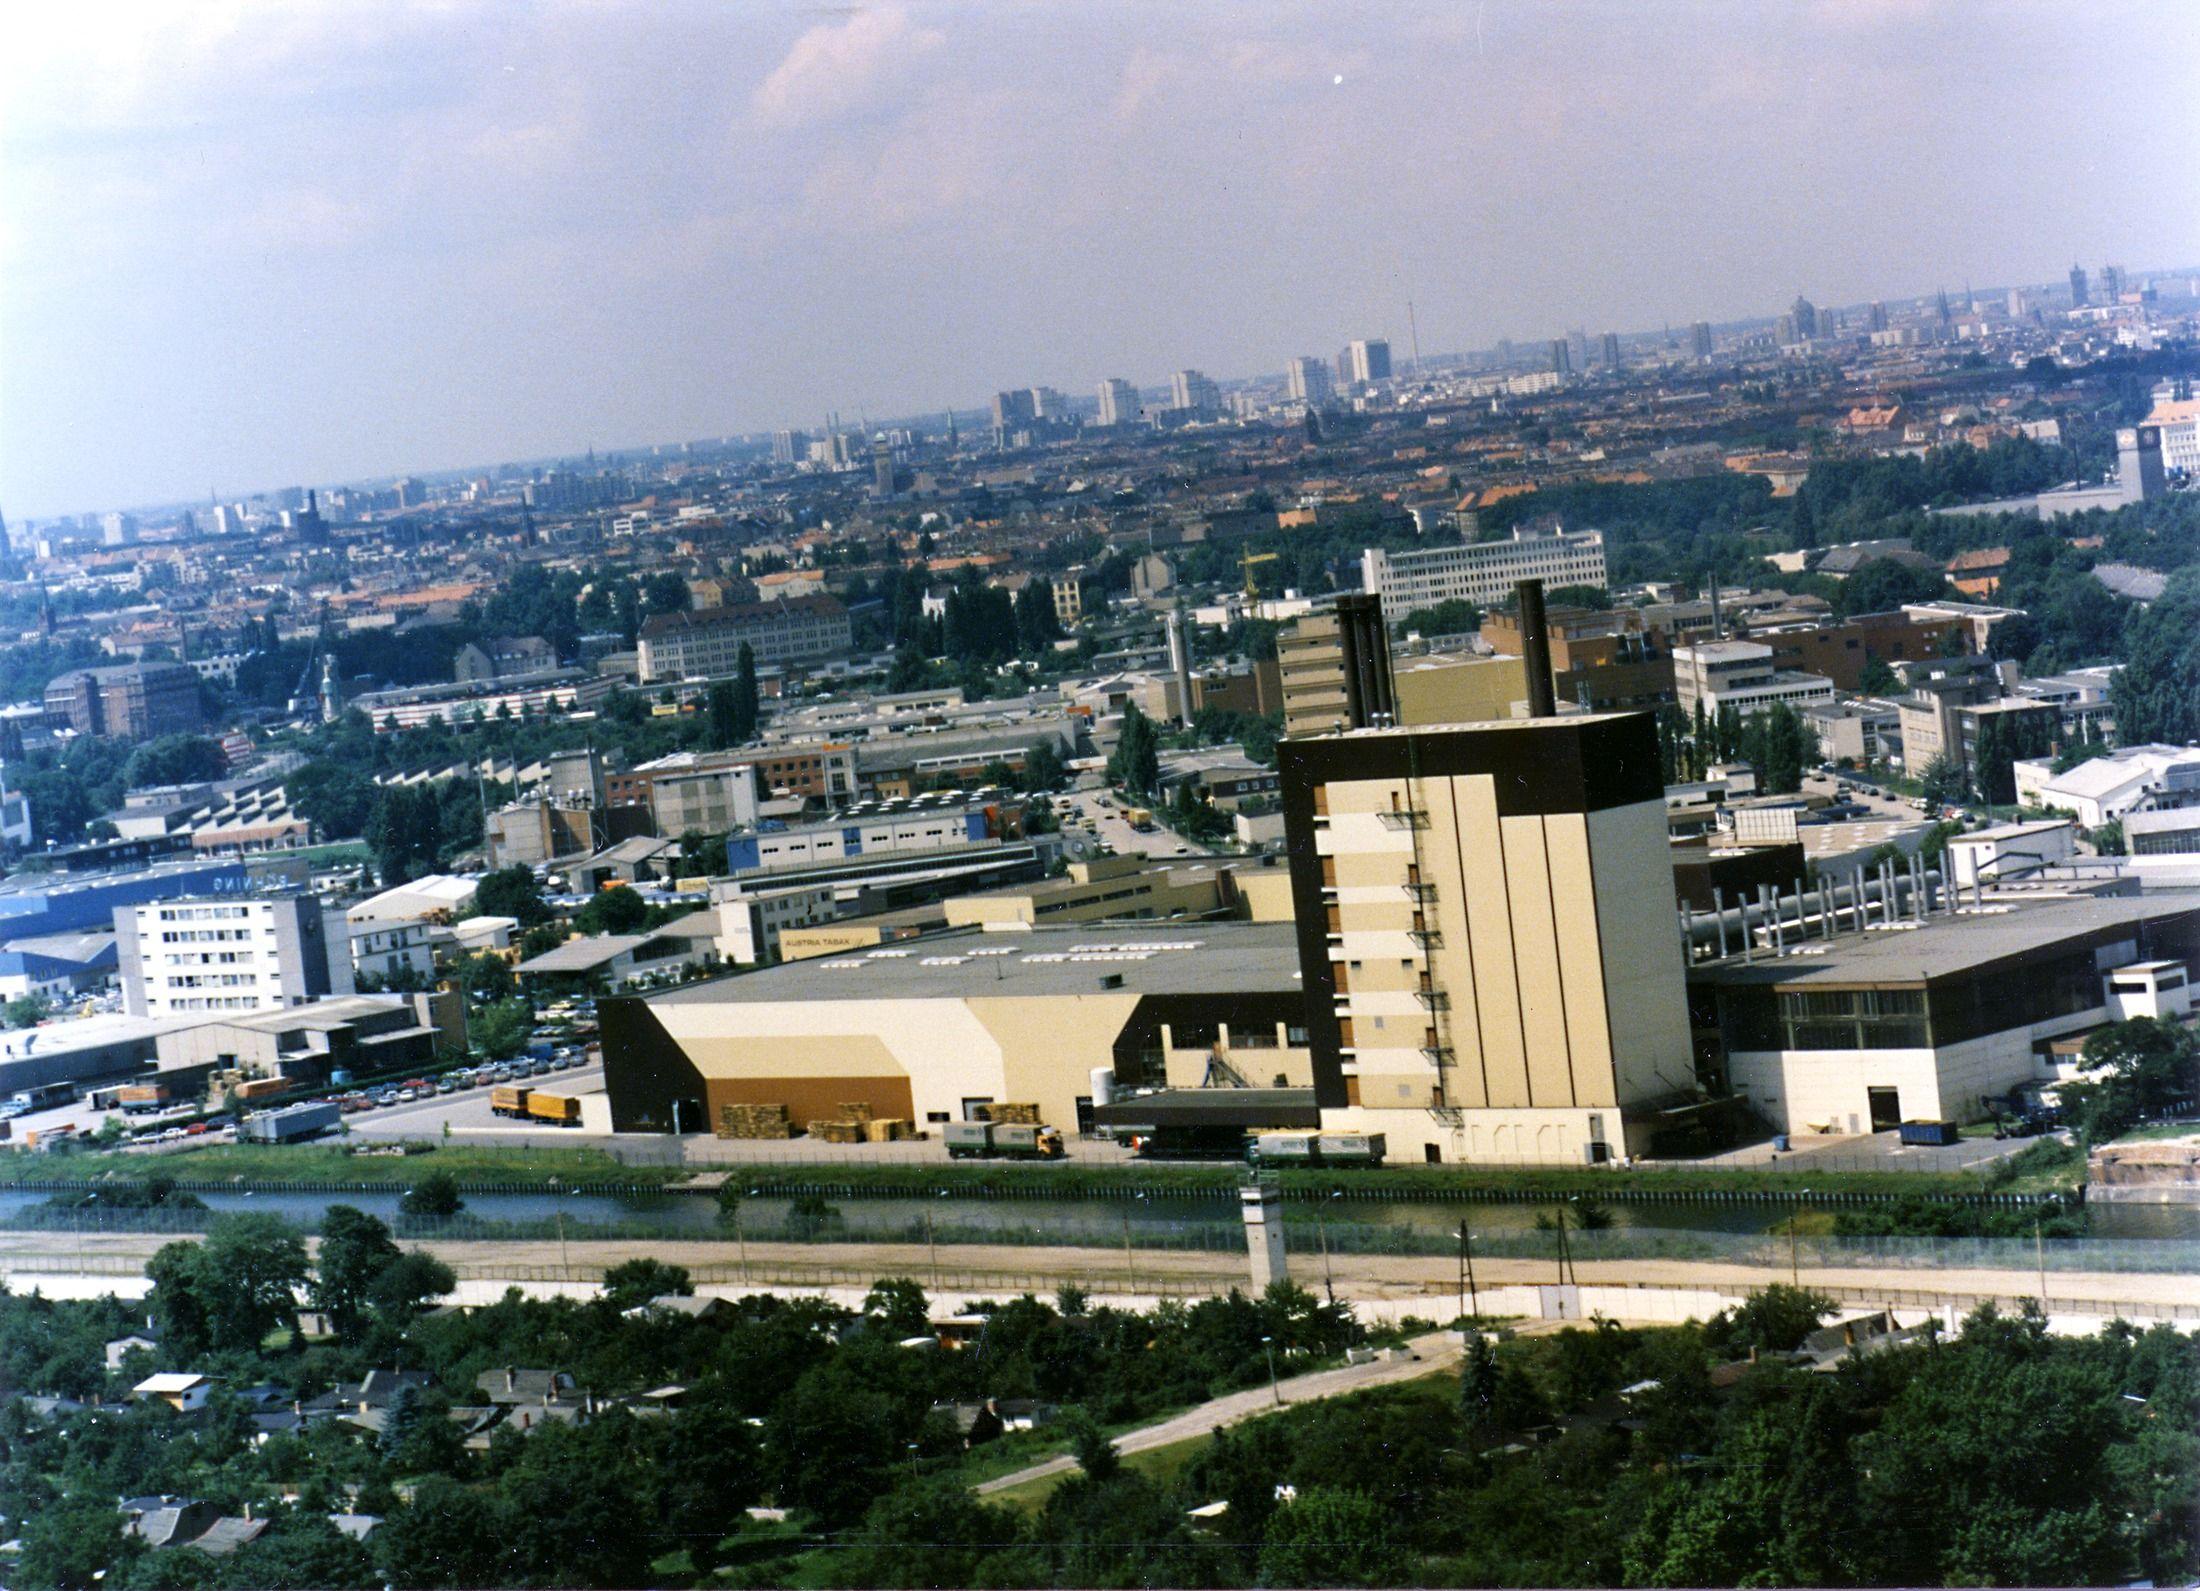 Luftbild Der Grenze Am Britzer Verbindungskanal In Berlin Neukolln Berlin Luftbild Bilder